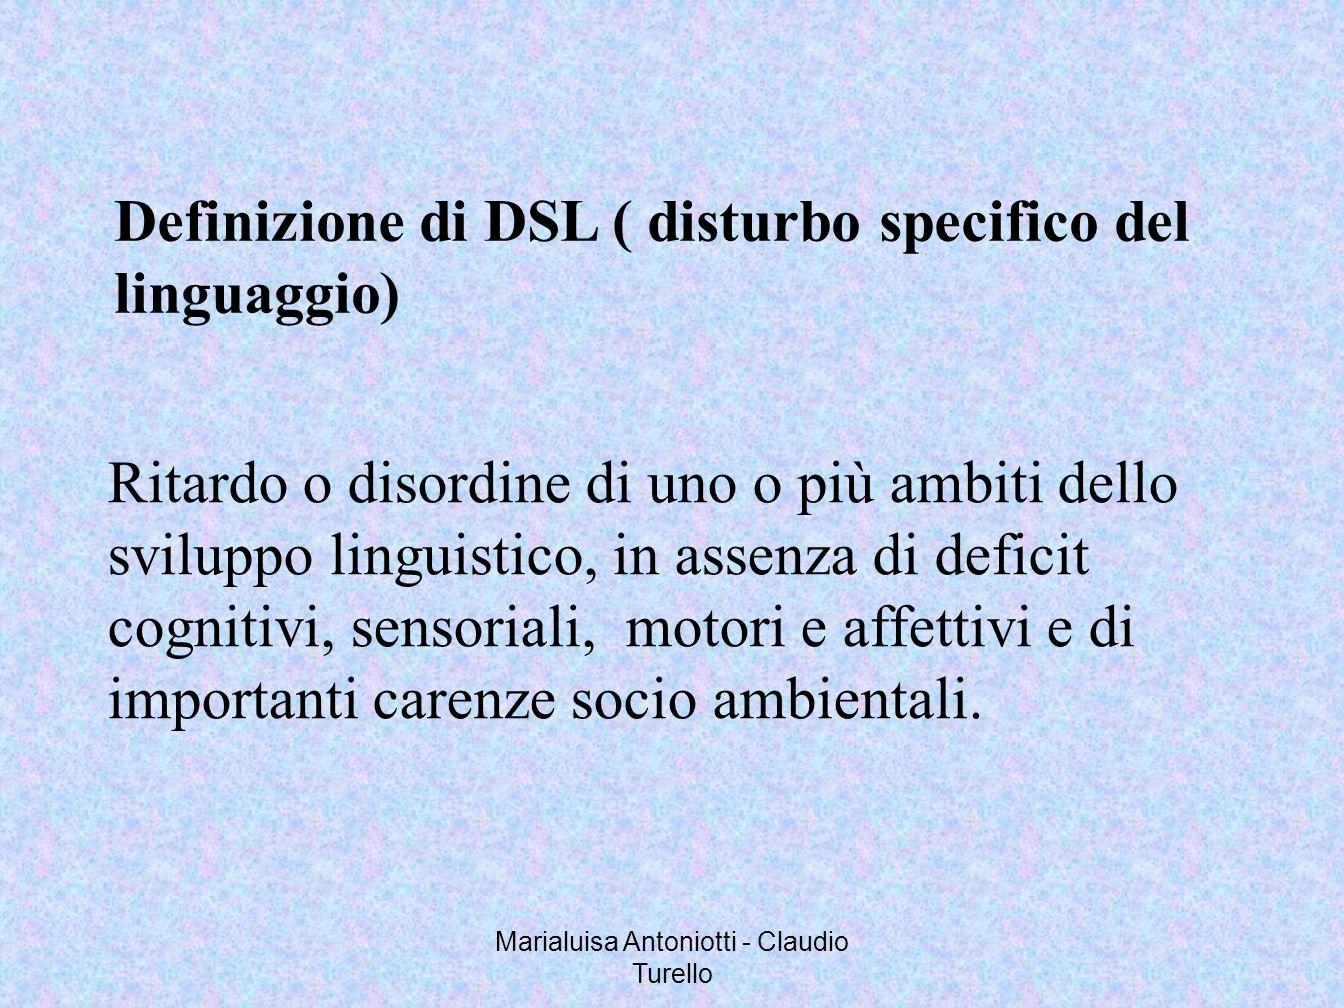 Marialuisa Antoniotti - Claudio Turello Definizione di DSL ( disturbo specifico del linguaggio) Ritardo o disordine di uno o più ambiti dello sviluppo